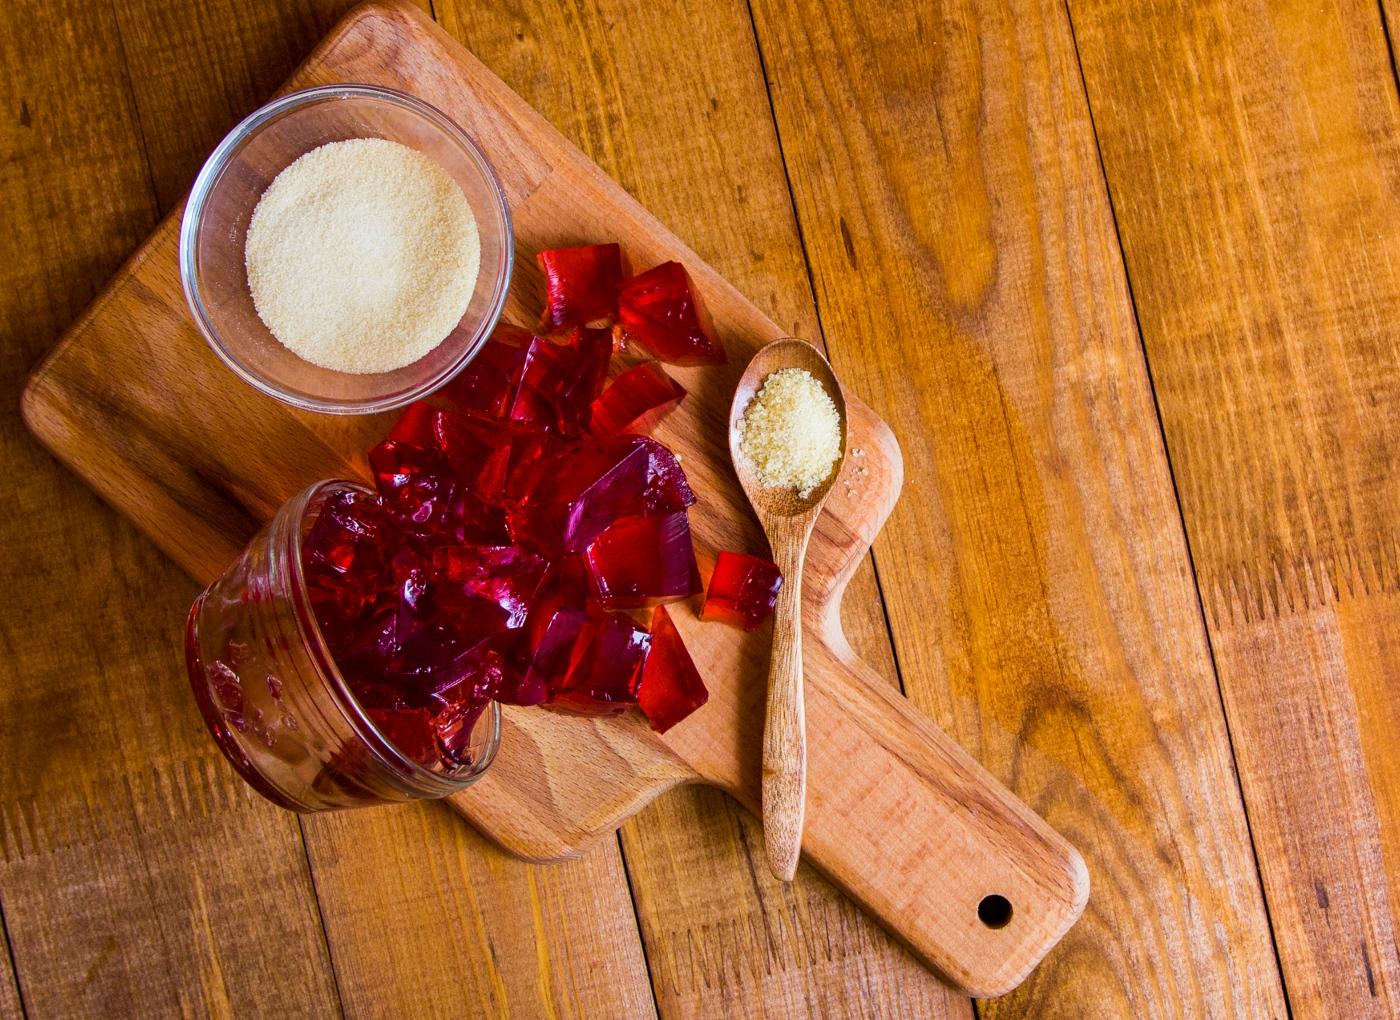 Gelatina: rica em proteína? Para emagrecer? Os mitos.